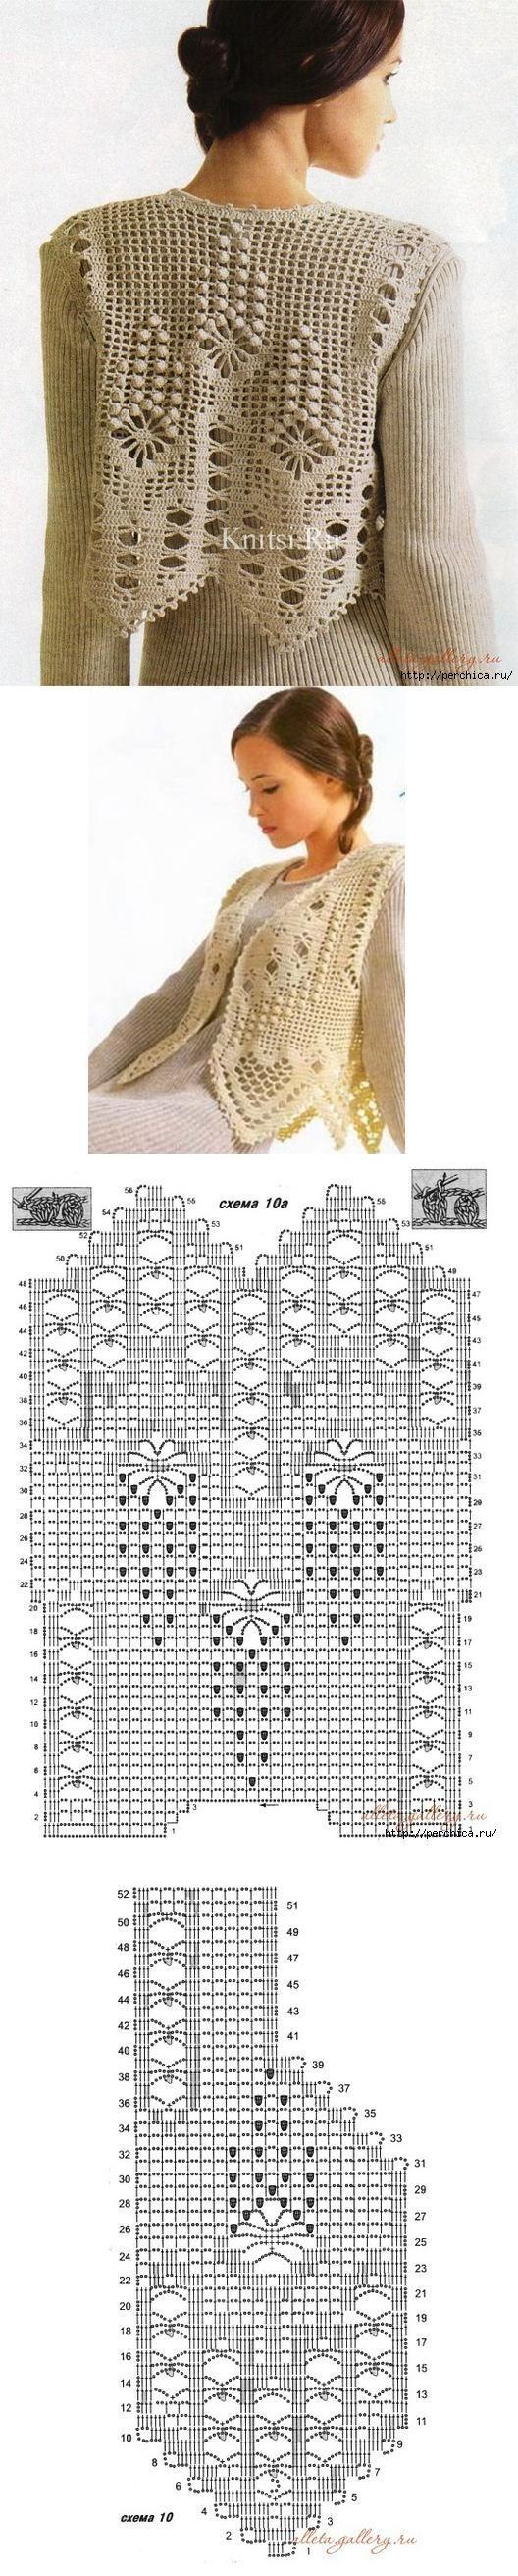 """Жилеты вязанные филейной вязкой [   """"Crochet vest chart pattern here"""